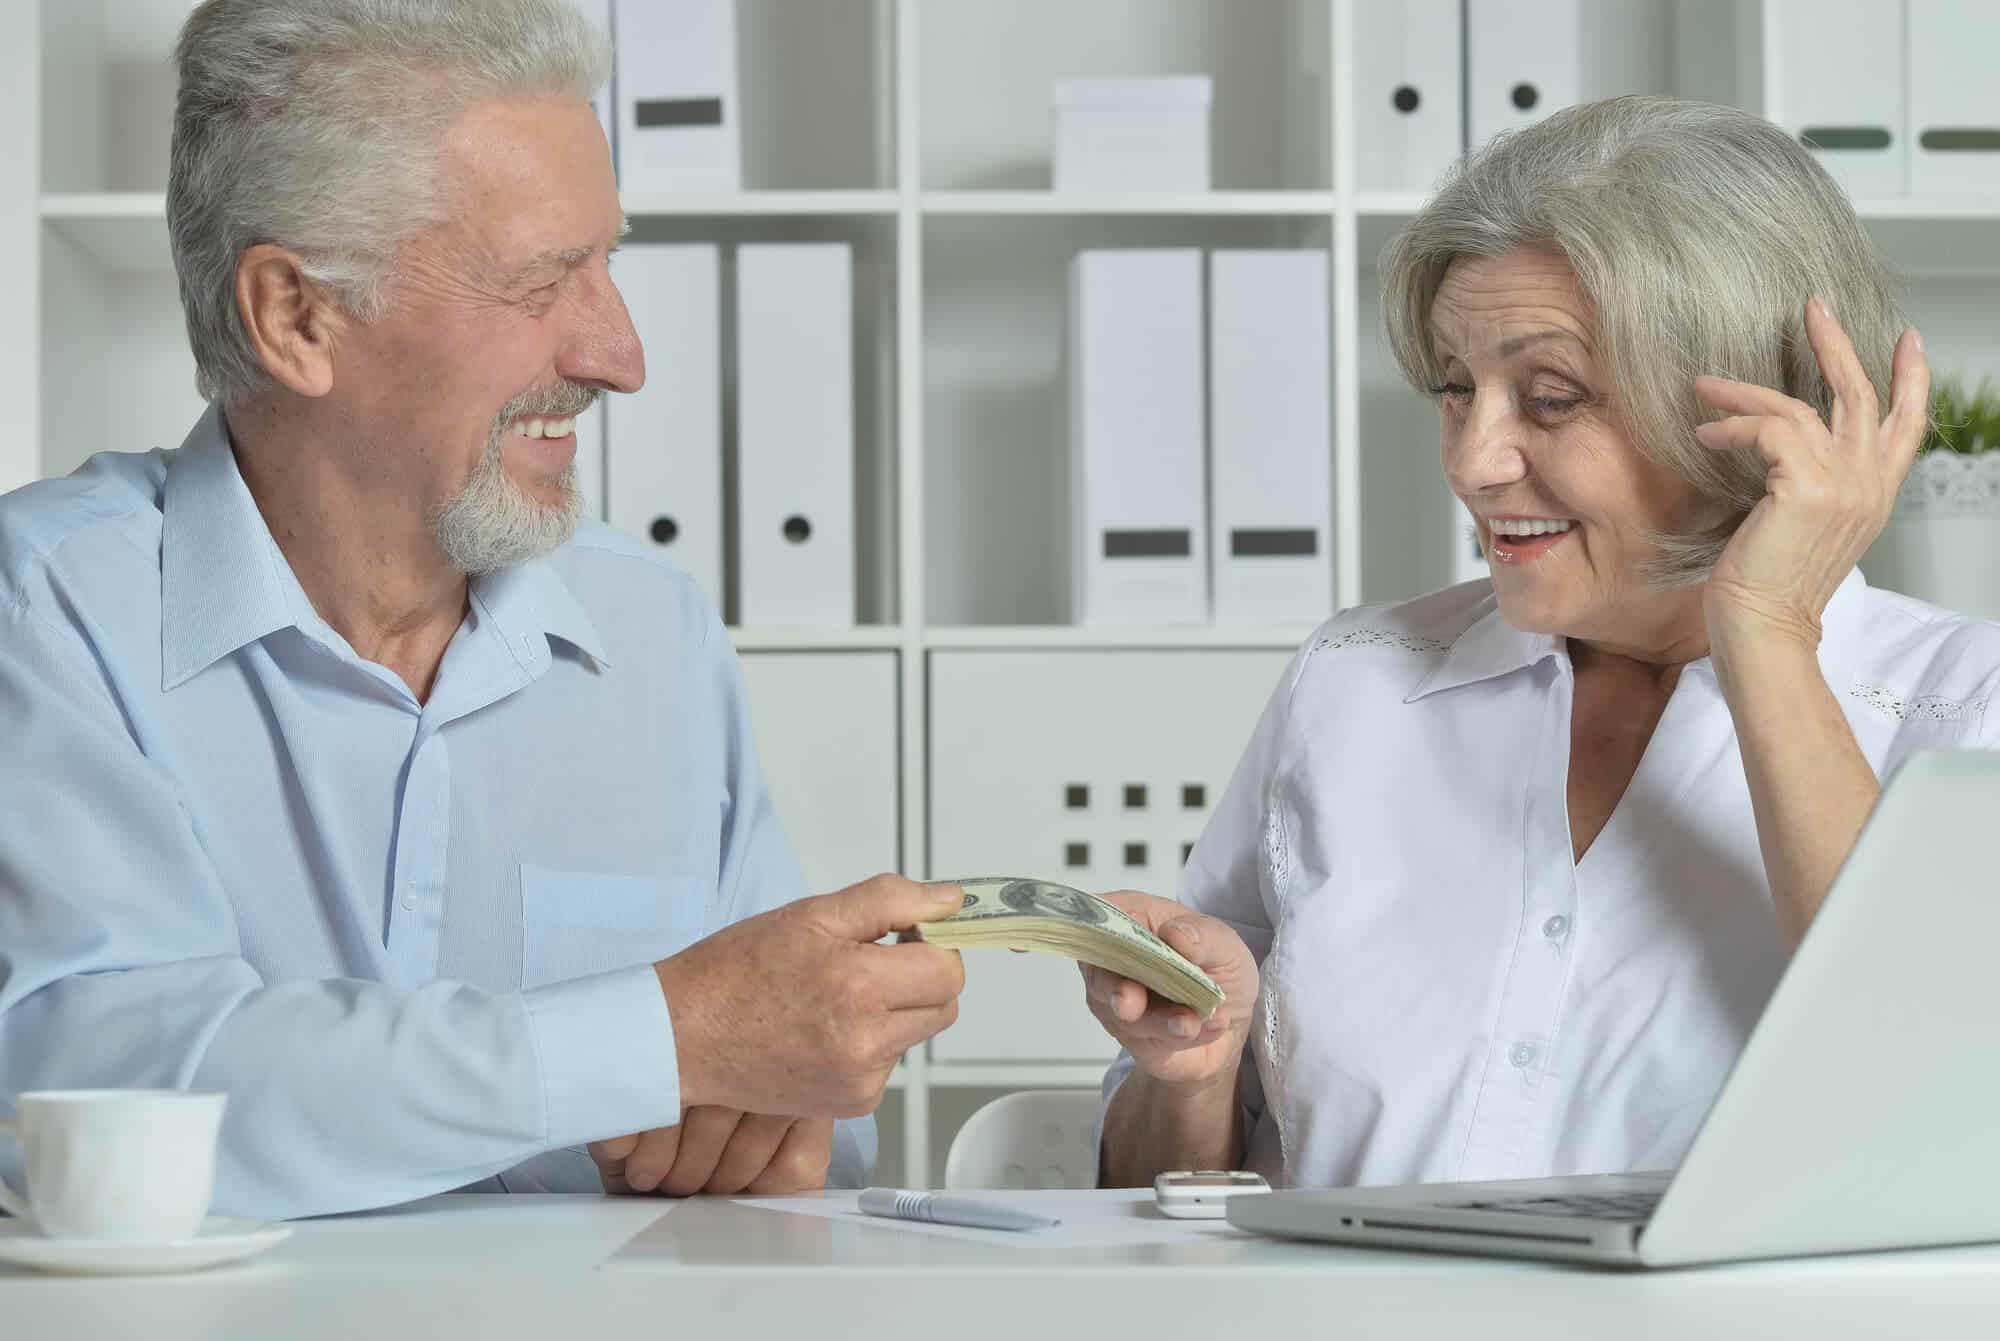 Dicas de como melhorar o valor da renda mensal inicial das aposentadorias excluindo os menores salários de contribuição do cálculo